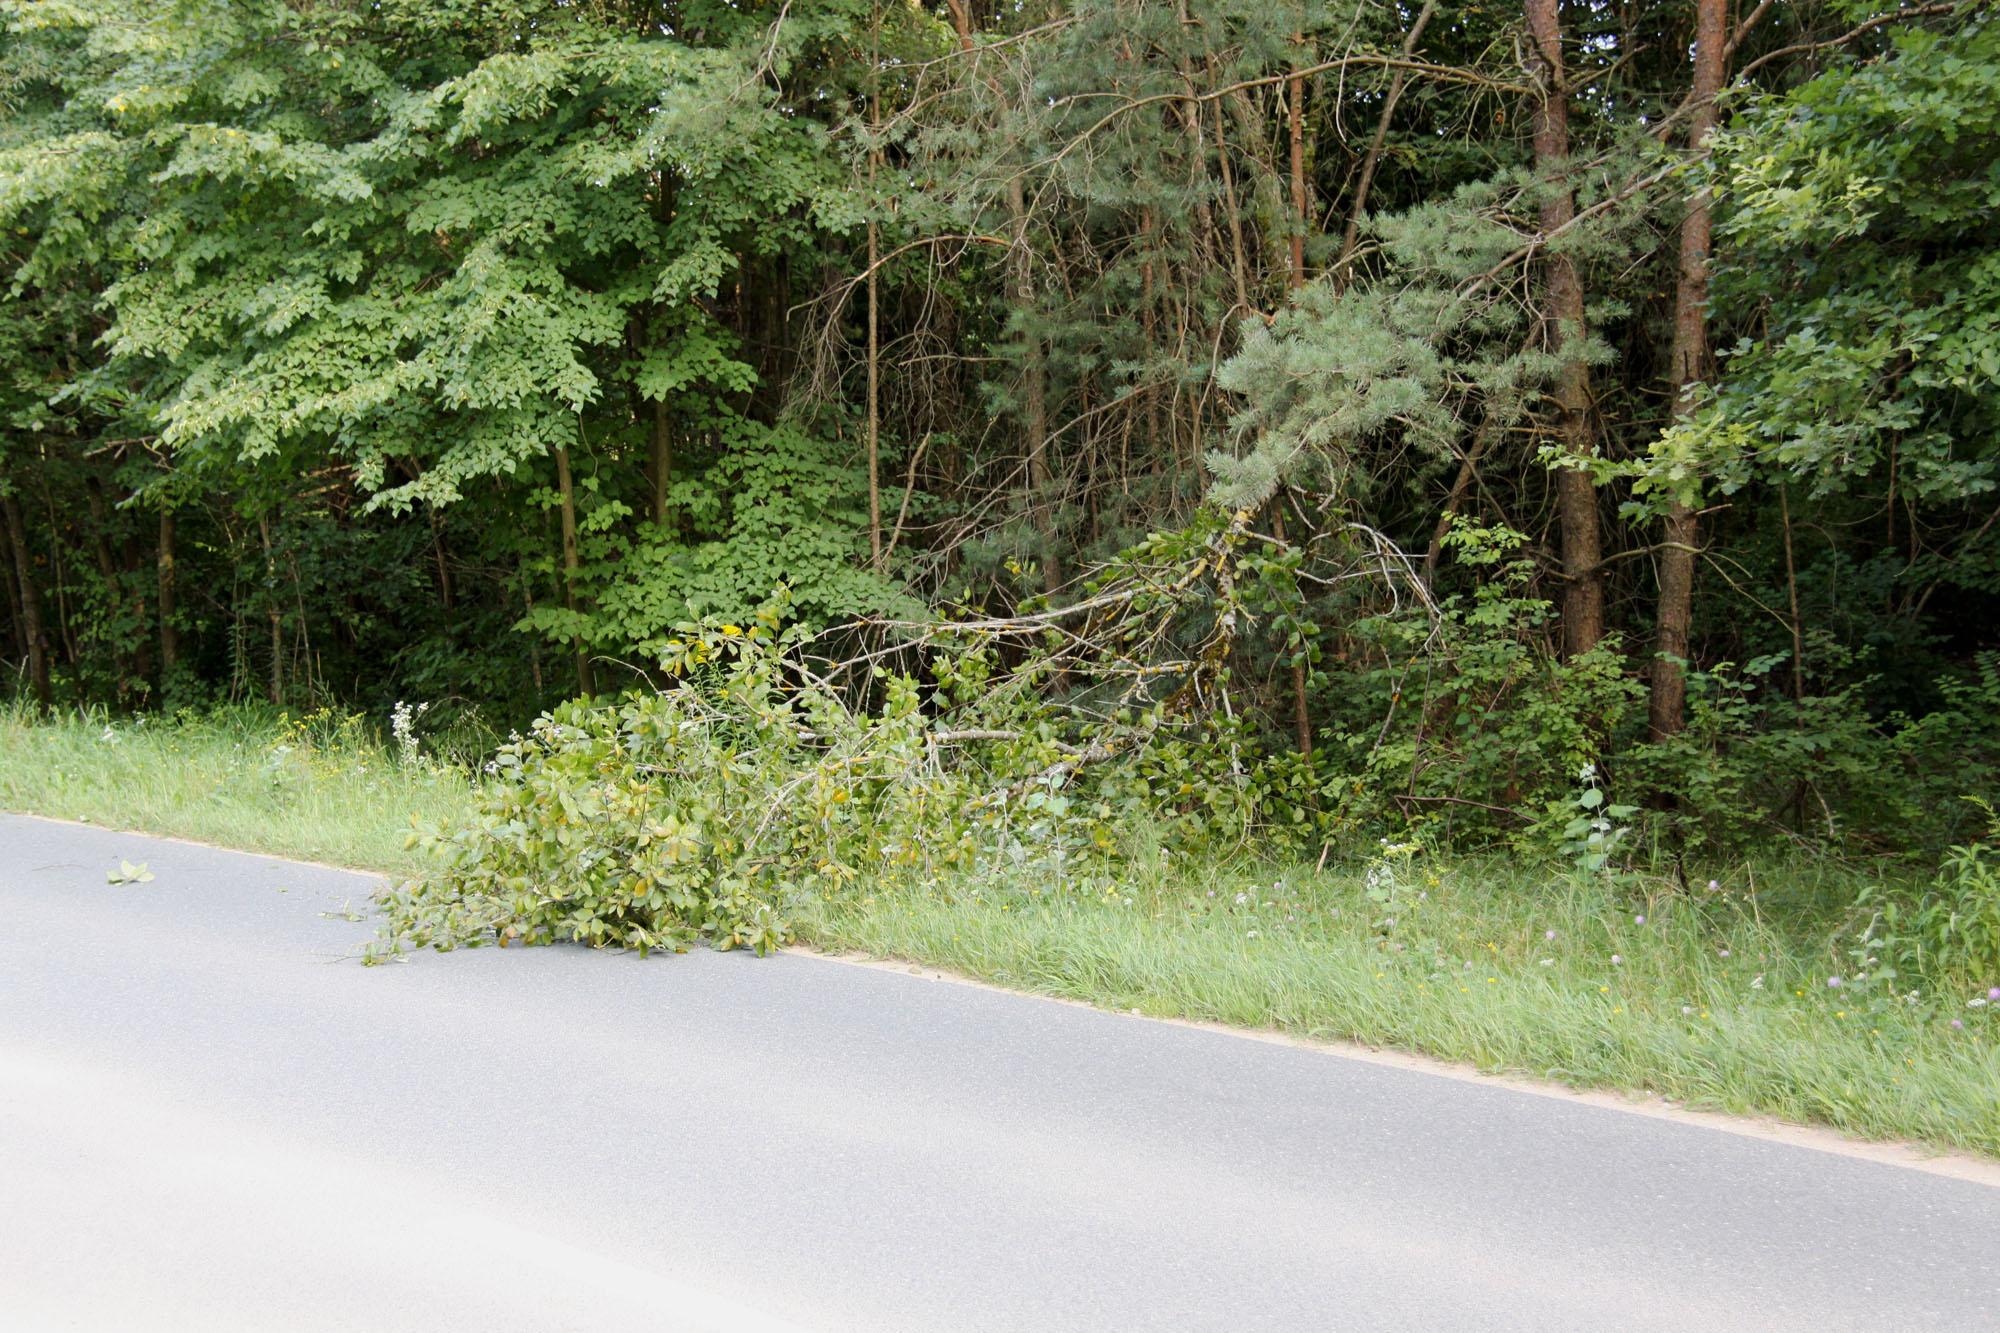 2016_08_19_EB054-Baum-ueber-Fahrbahn_02-2000p